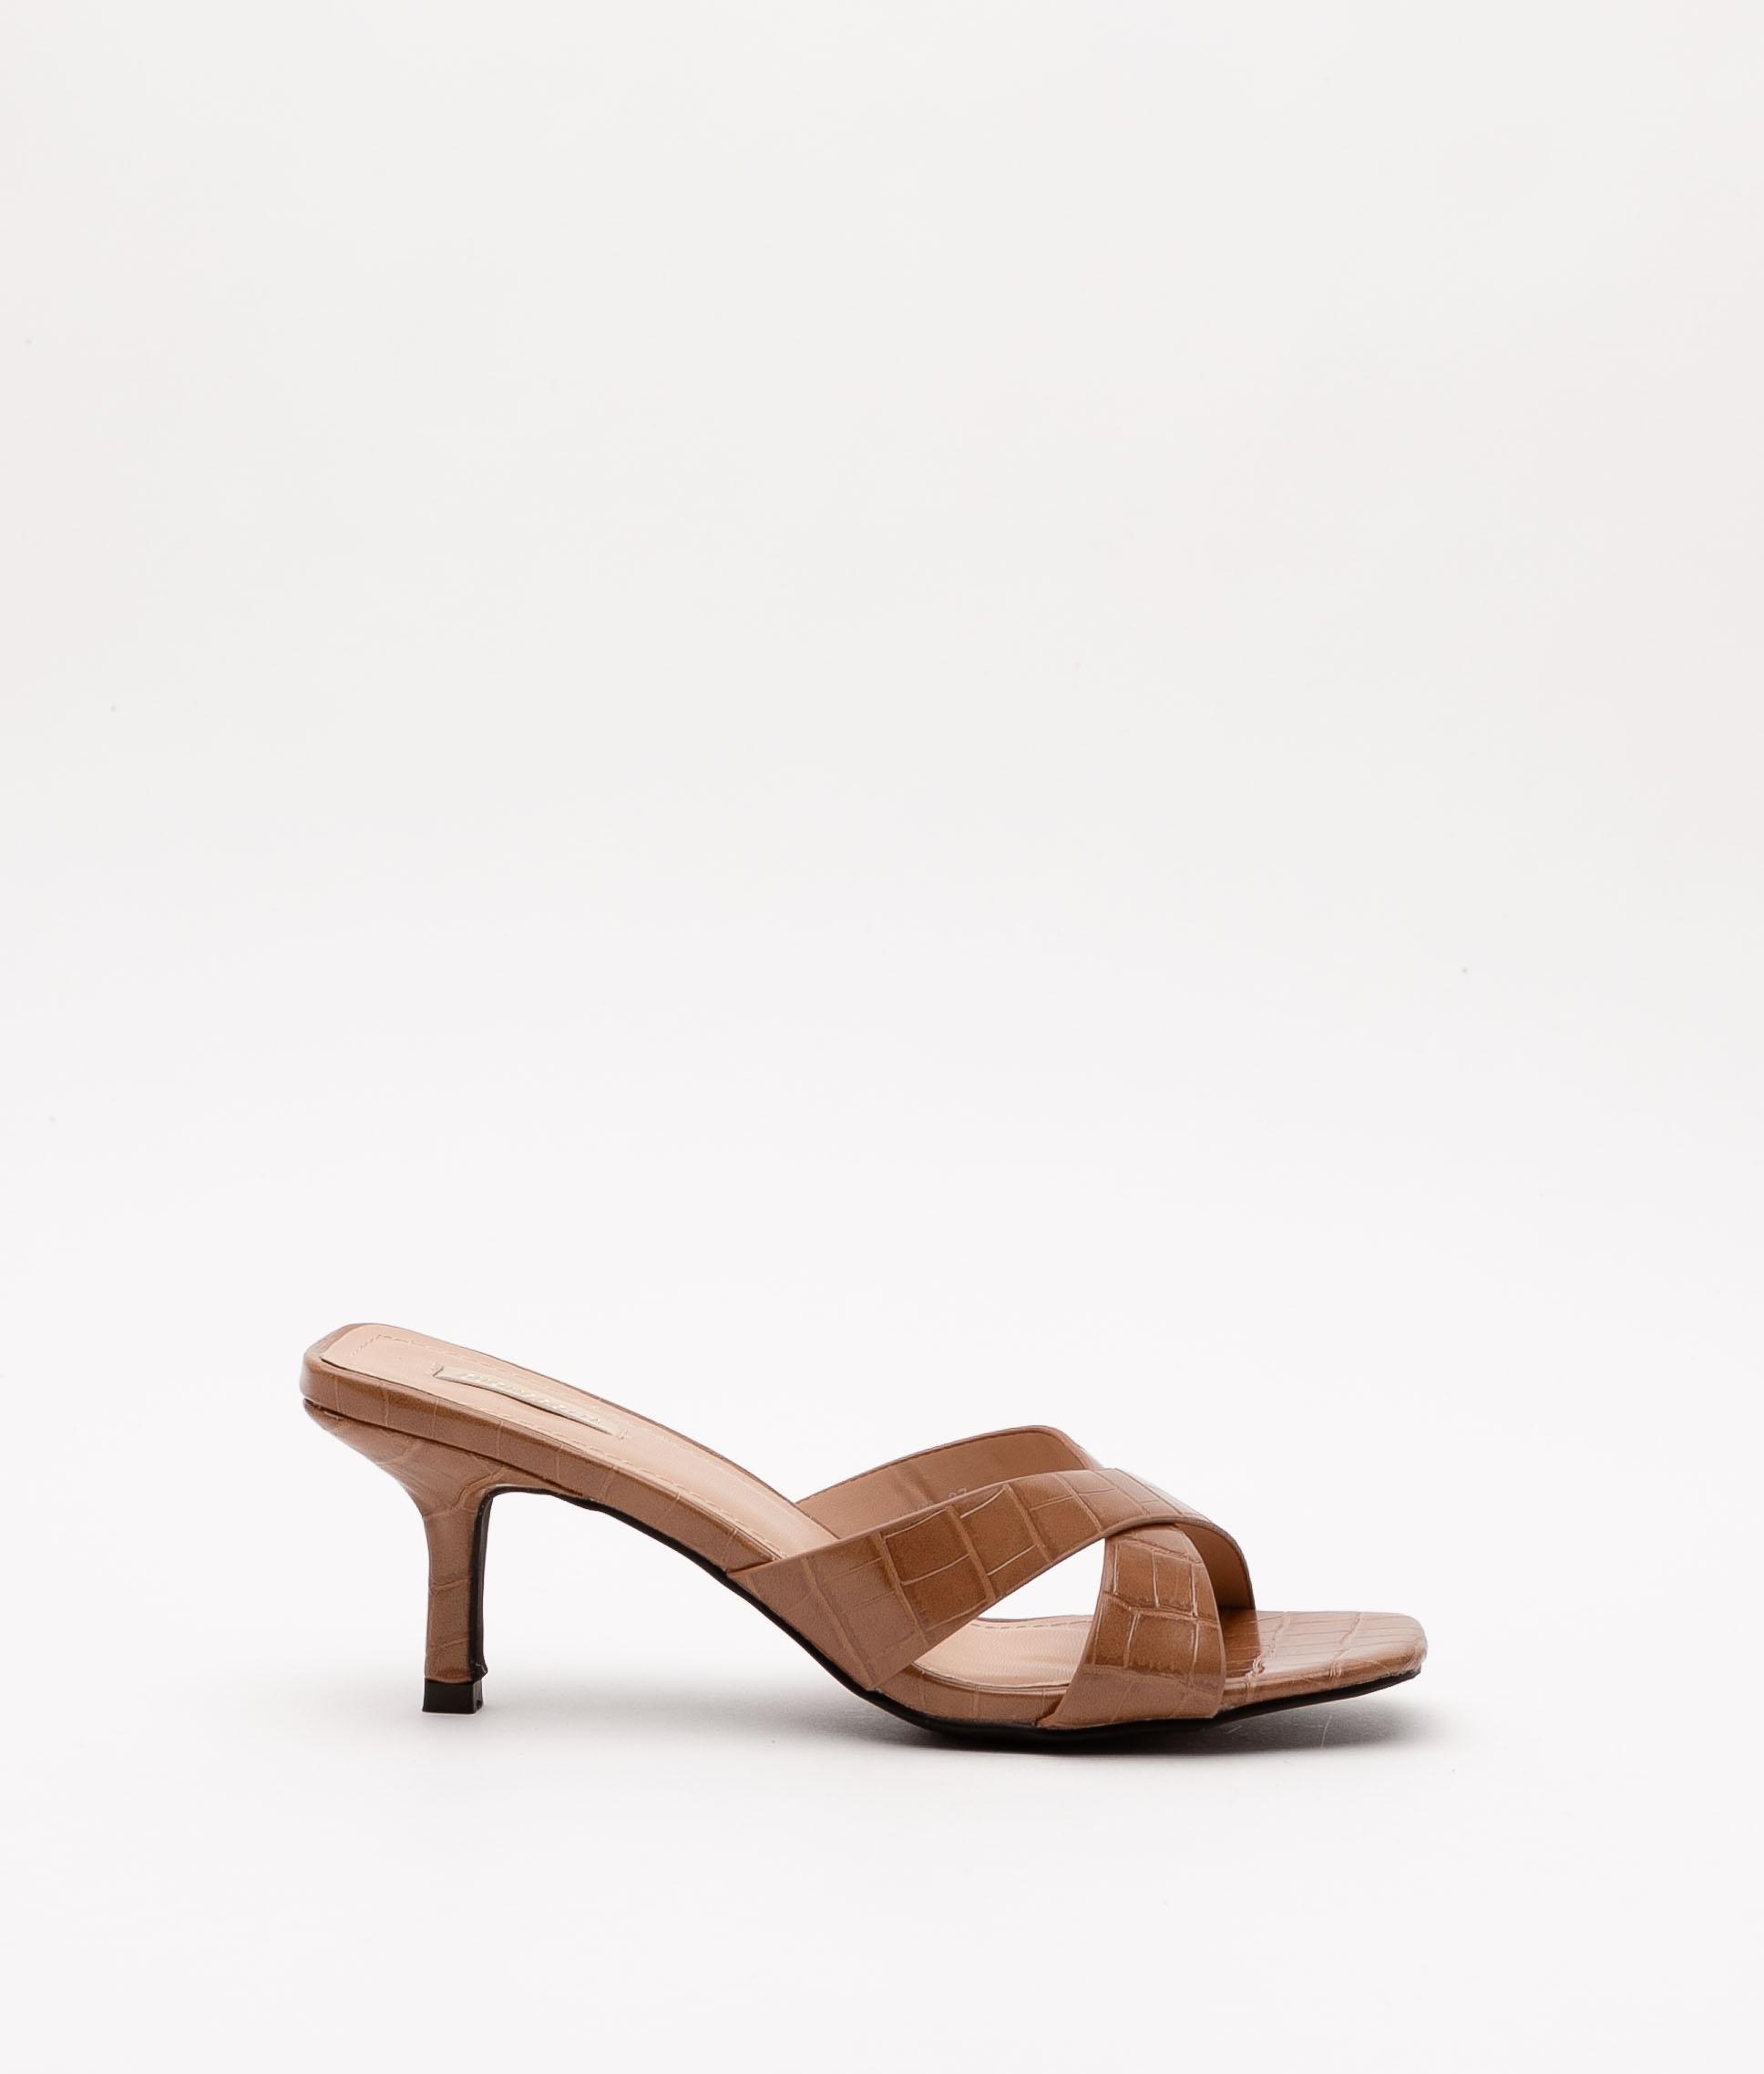 Sandalia de Tacón Nemet - Camel